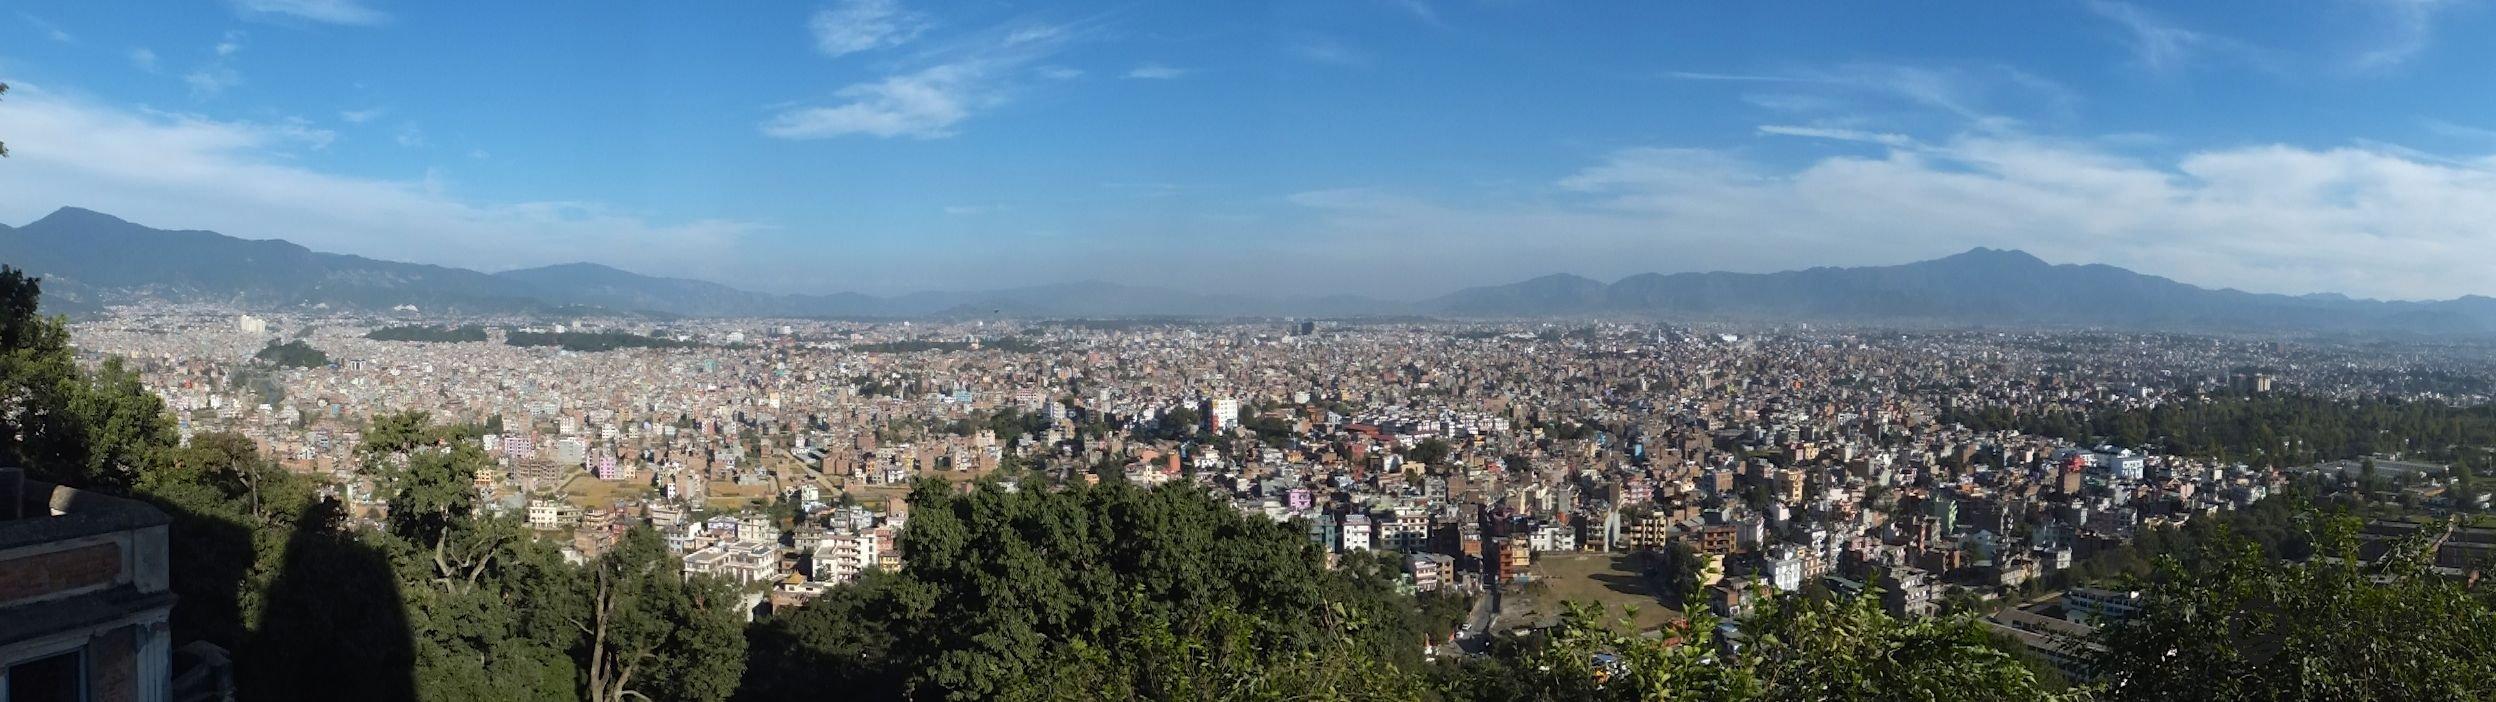 Der Blick über das Kathmandu Valley